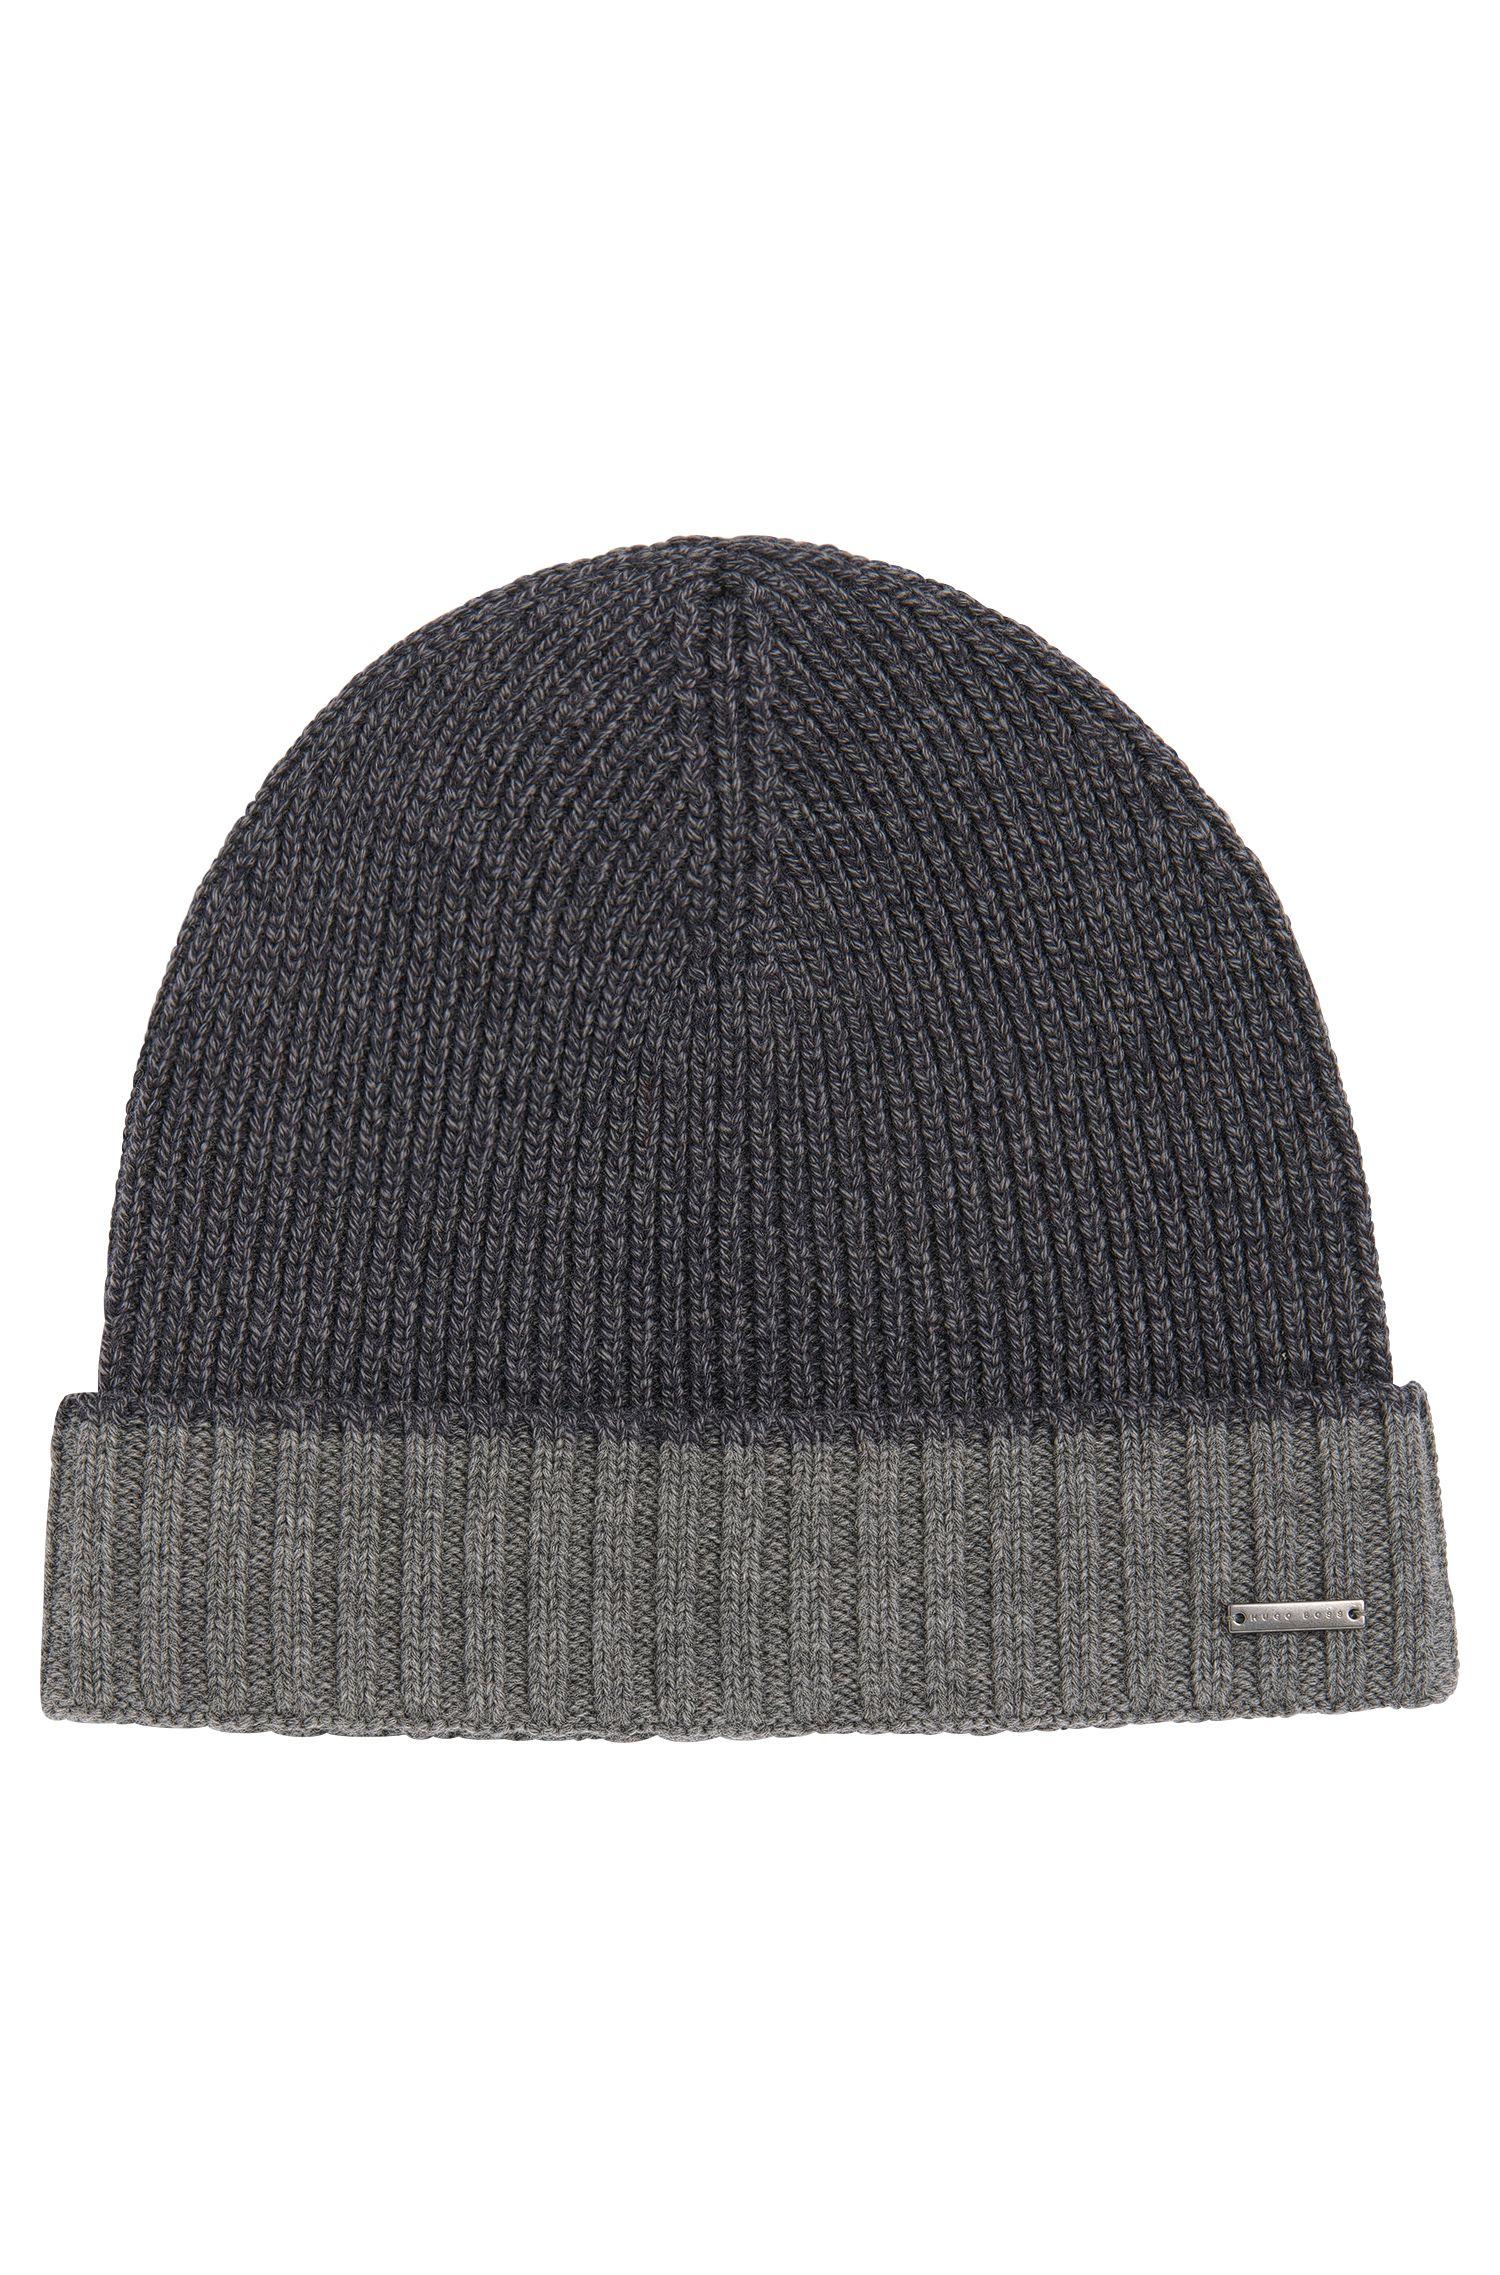 Mütze aus Schurwolle mit kontrastfarbenem Umschlagsaum: 'Frisk'